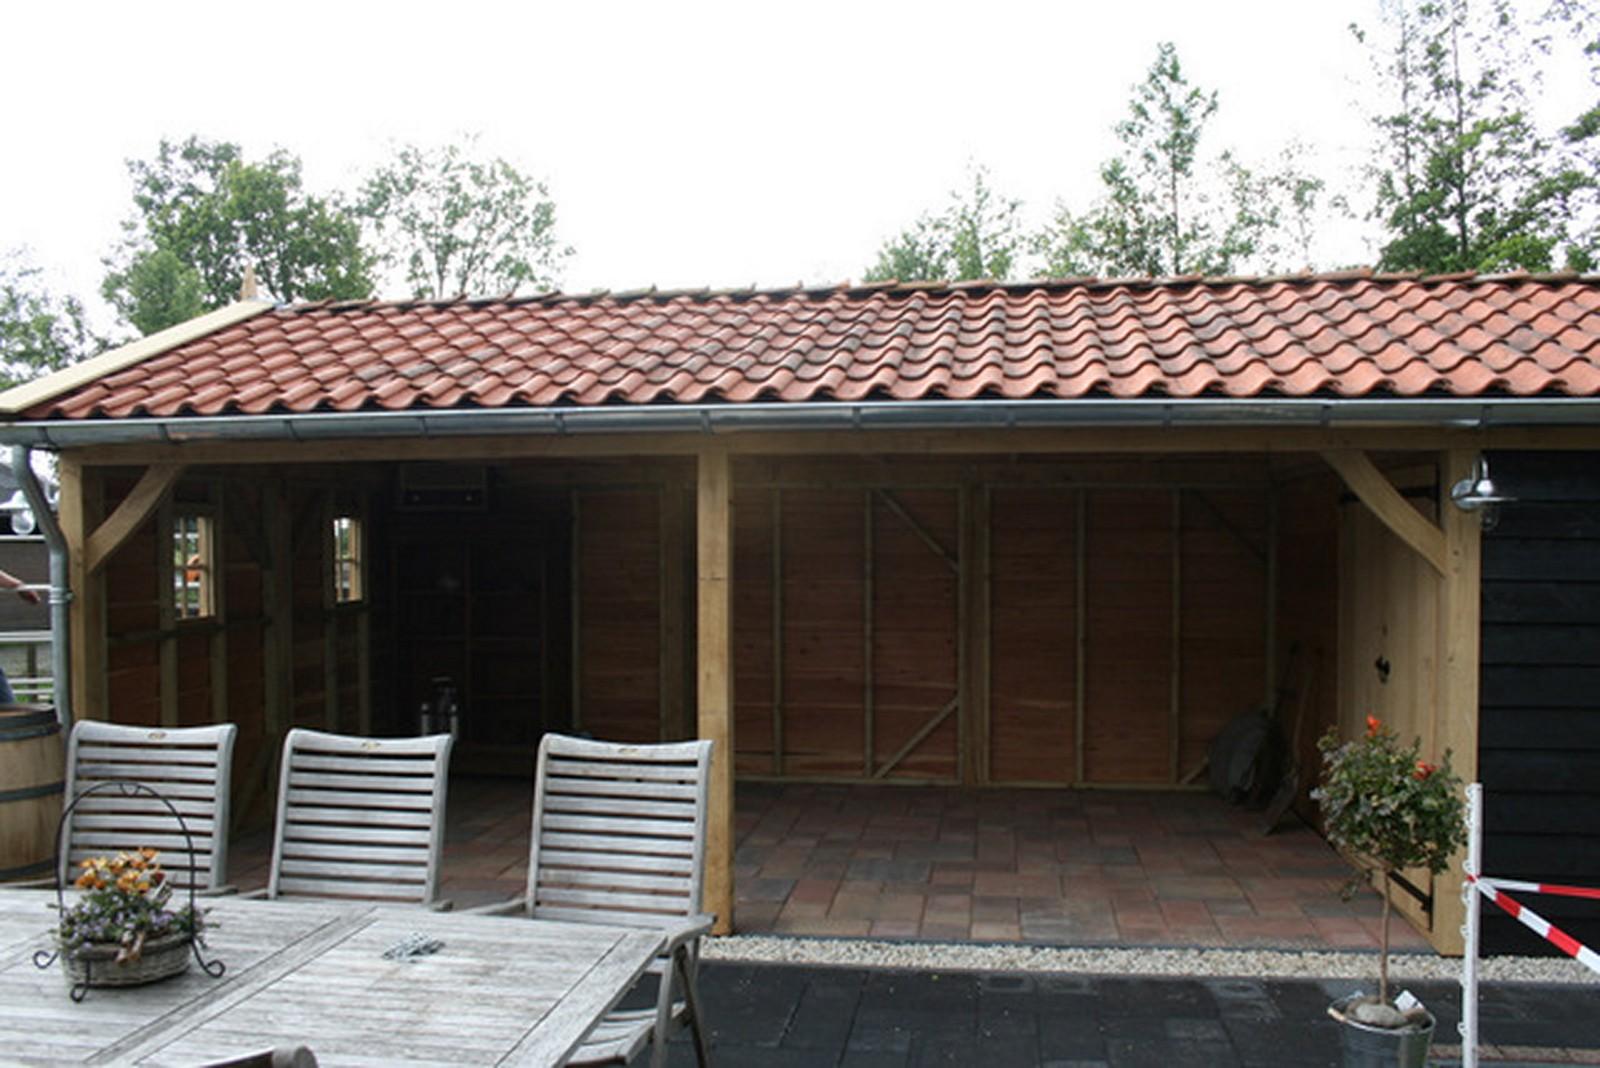 robuuste_buitenkamers - Authentiek eiken bijgebouw met tuinkamer op maat gemaakt.